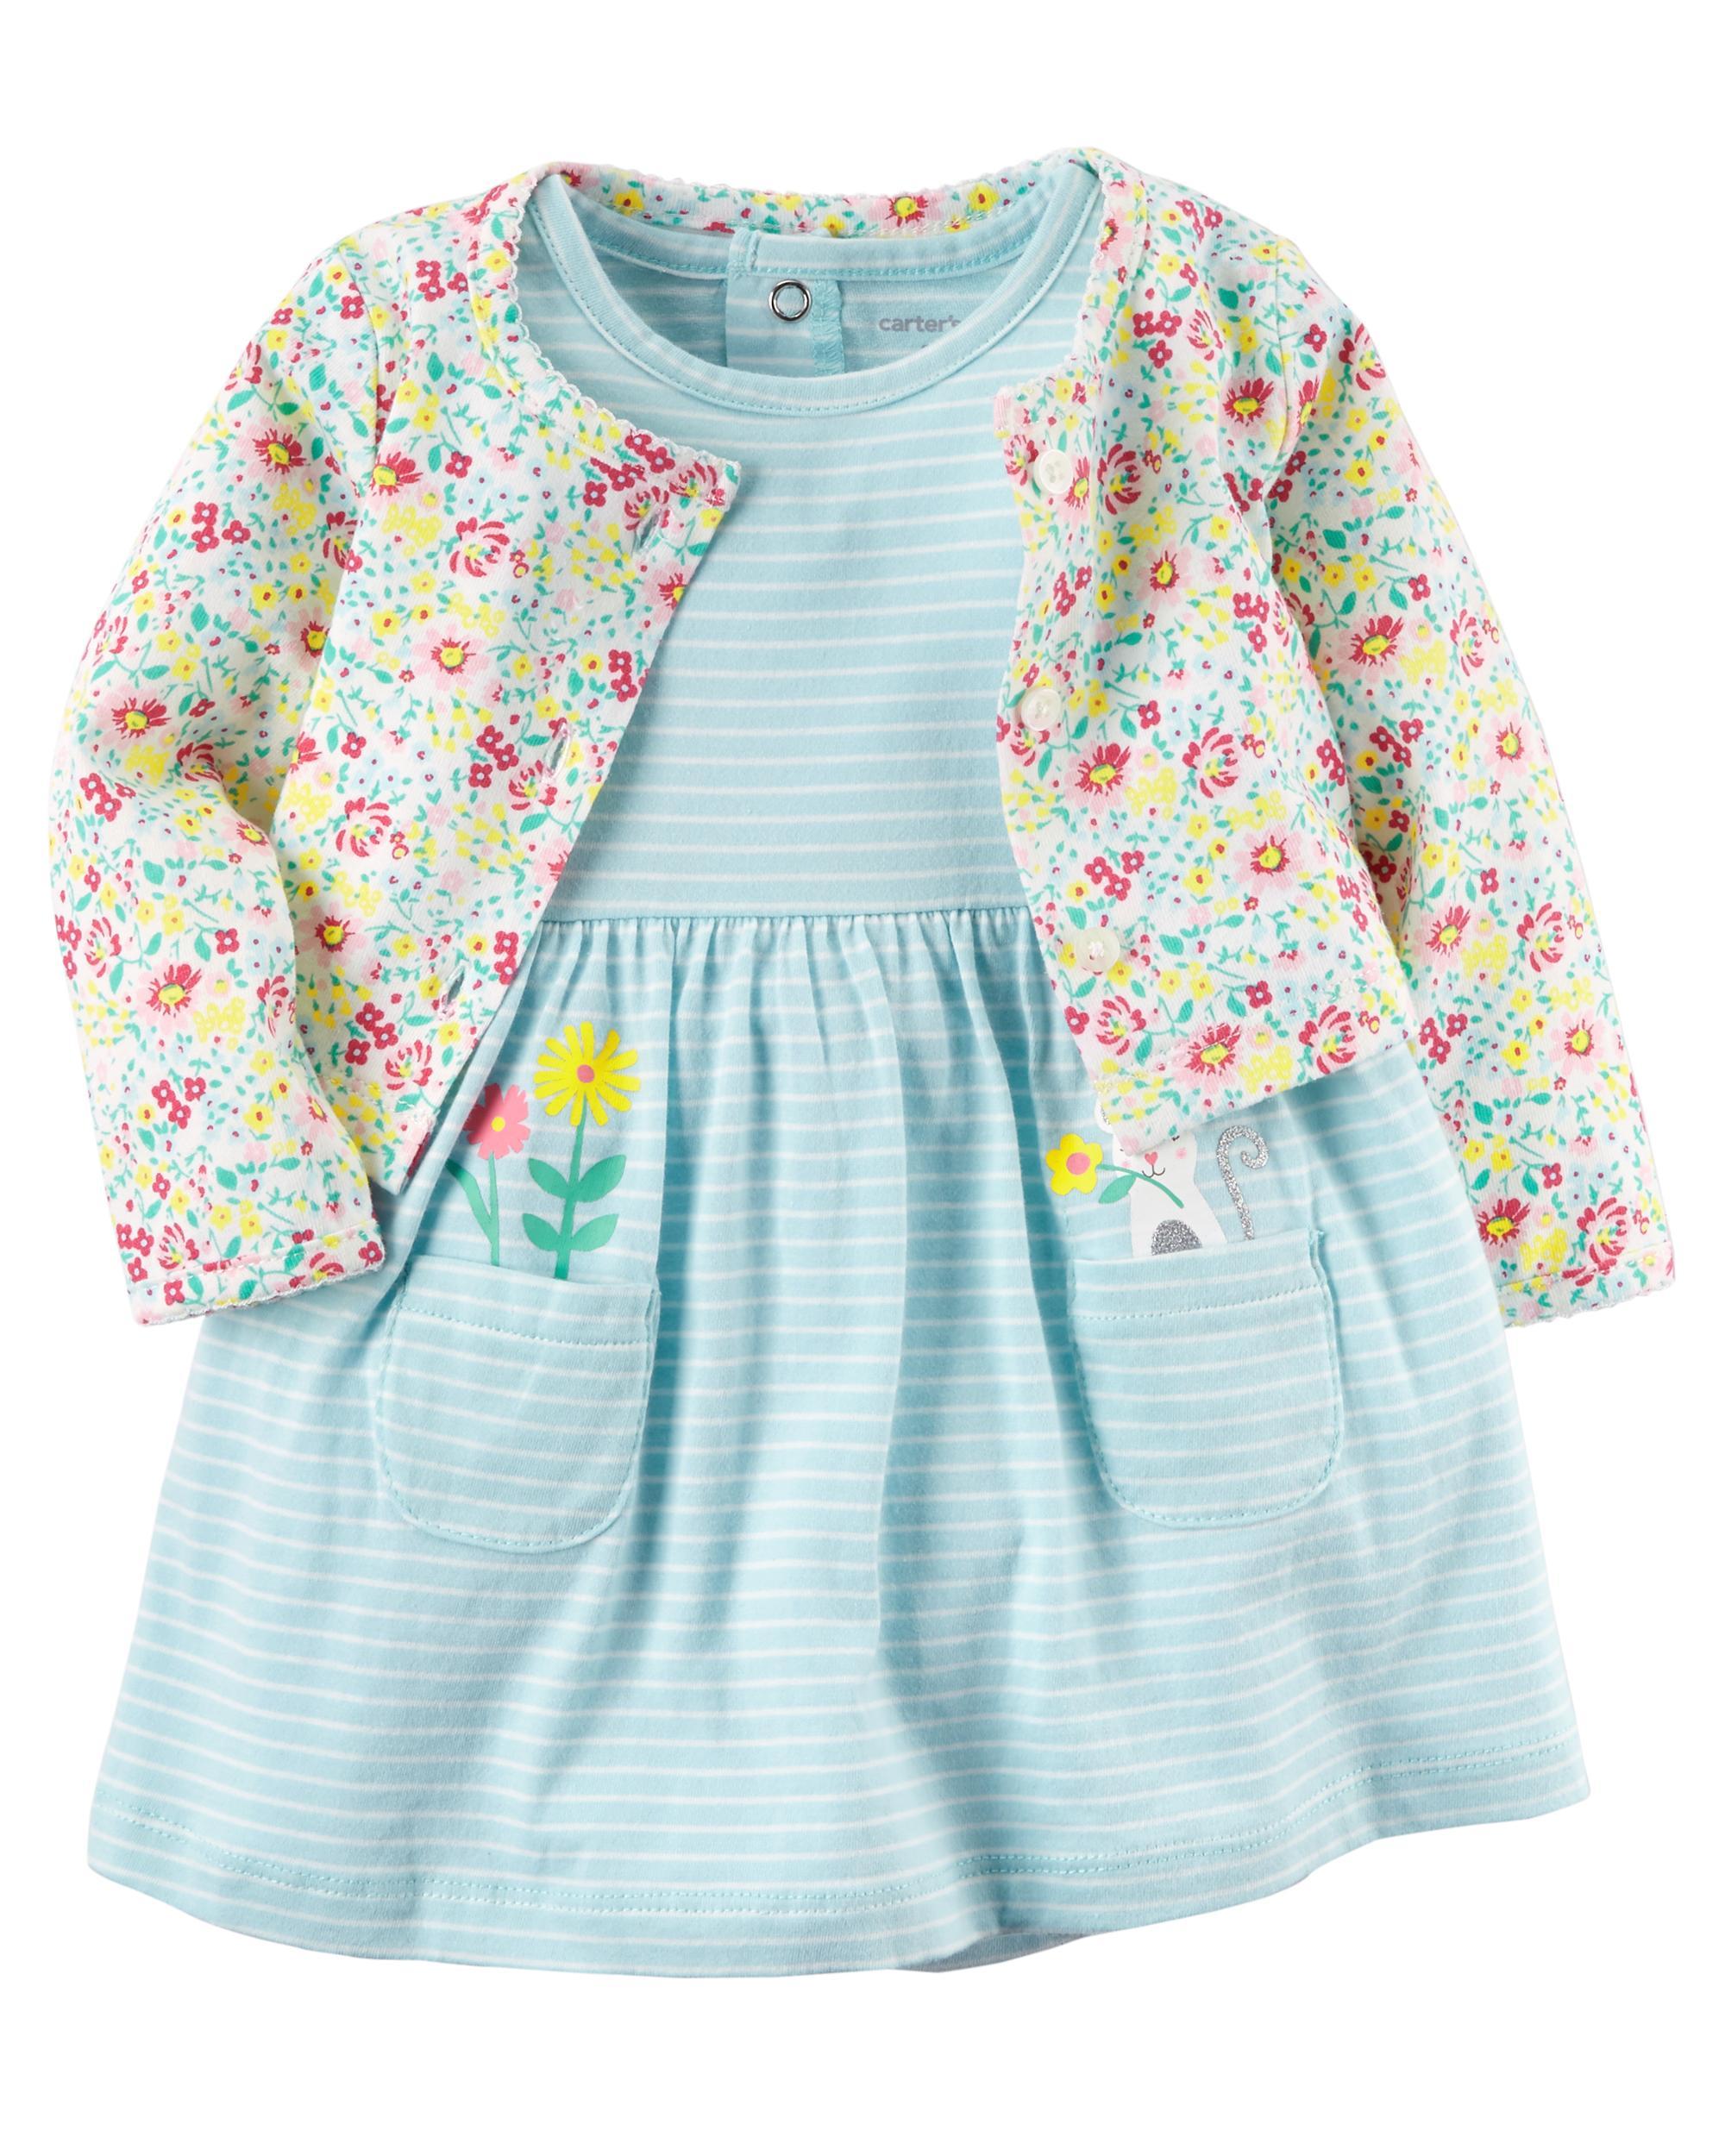 Carter/'s 2-Piece Dress /& Cardigan Set